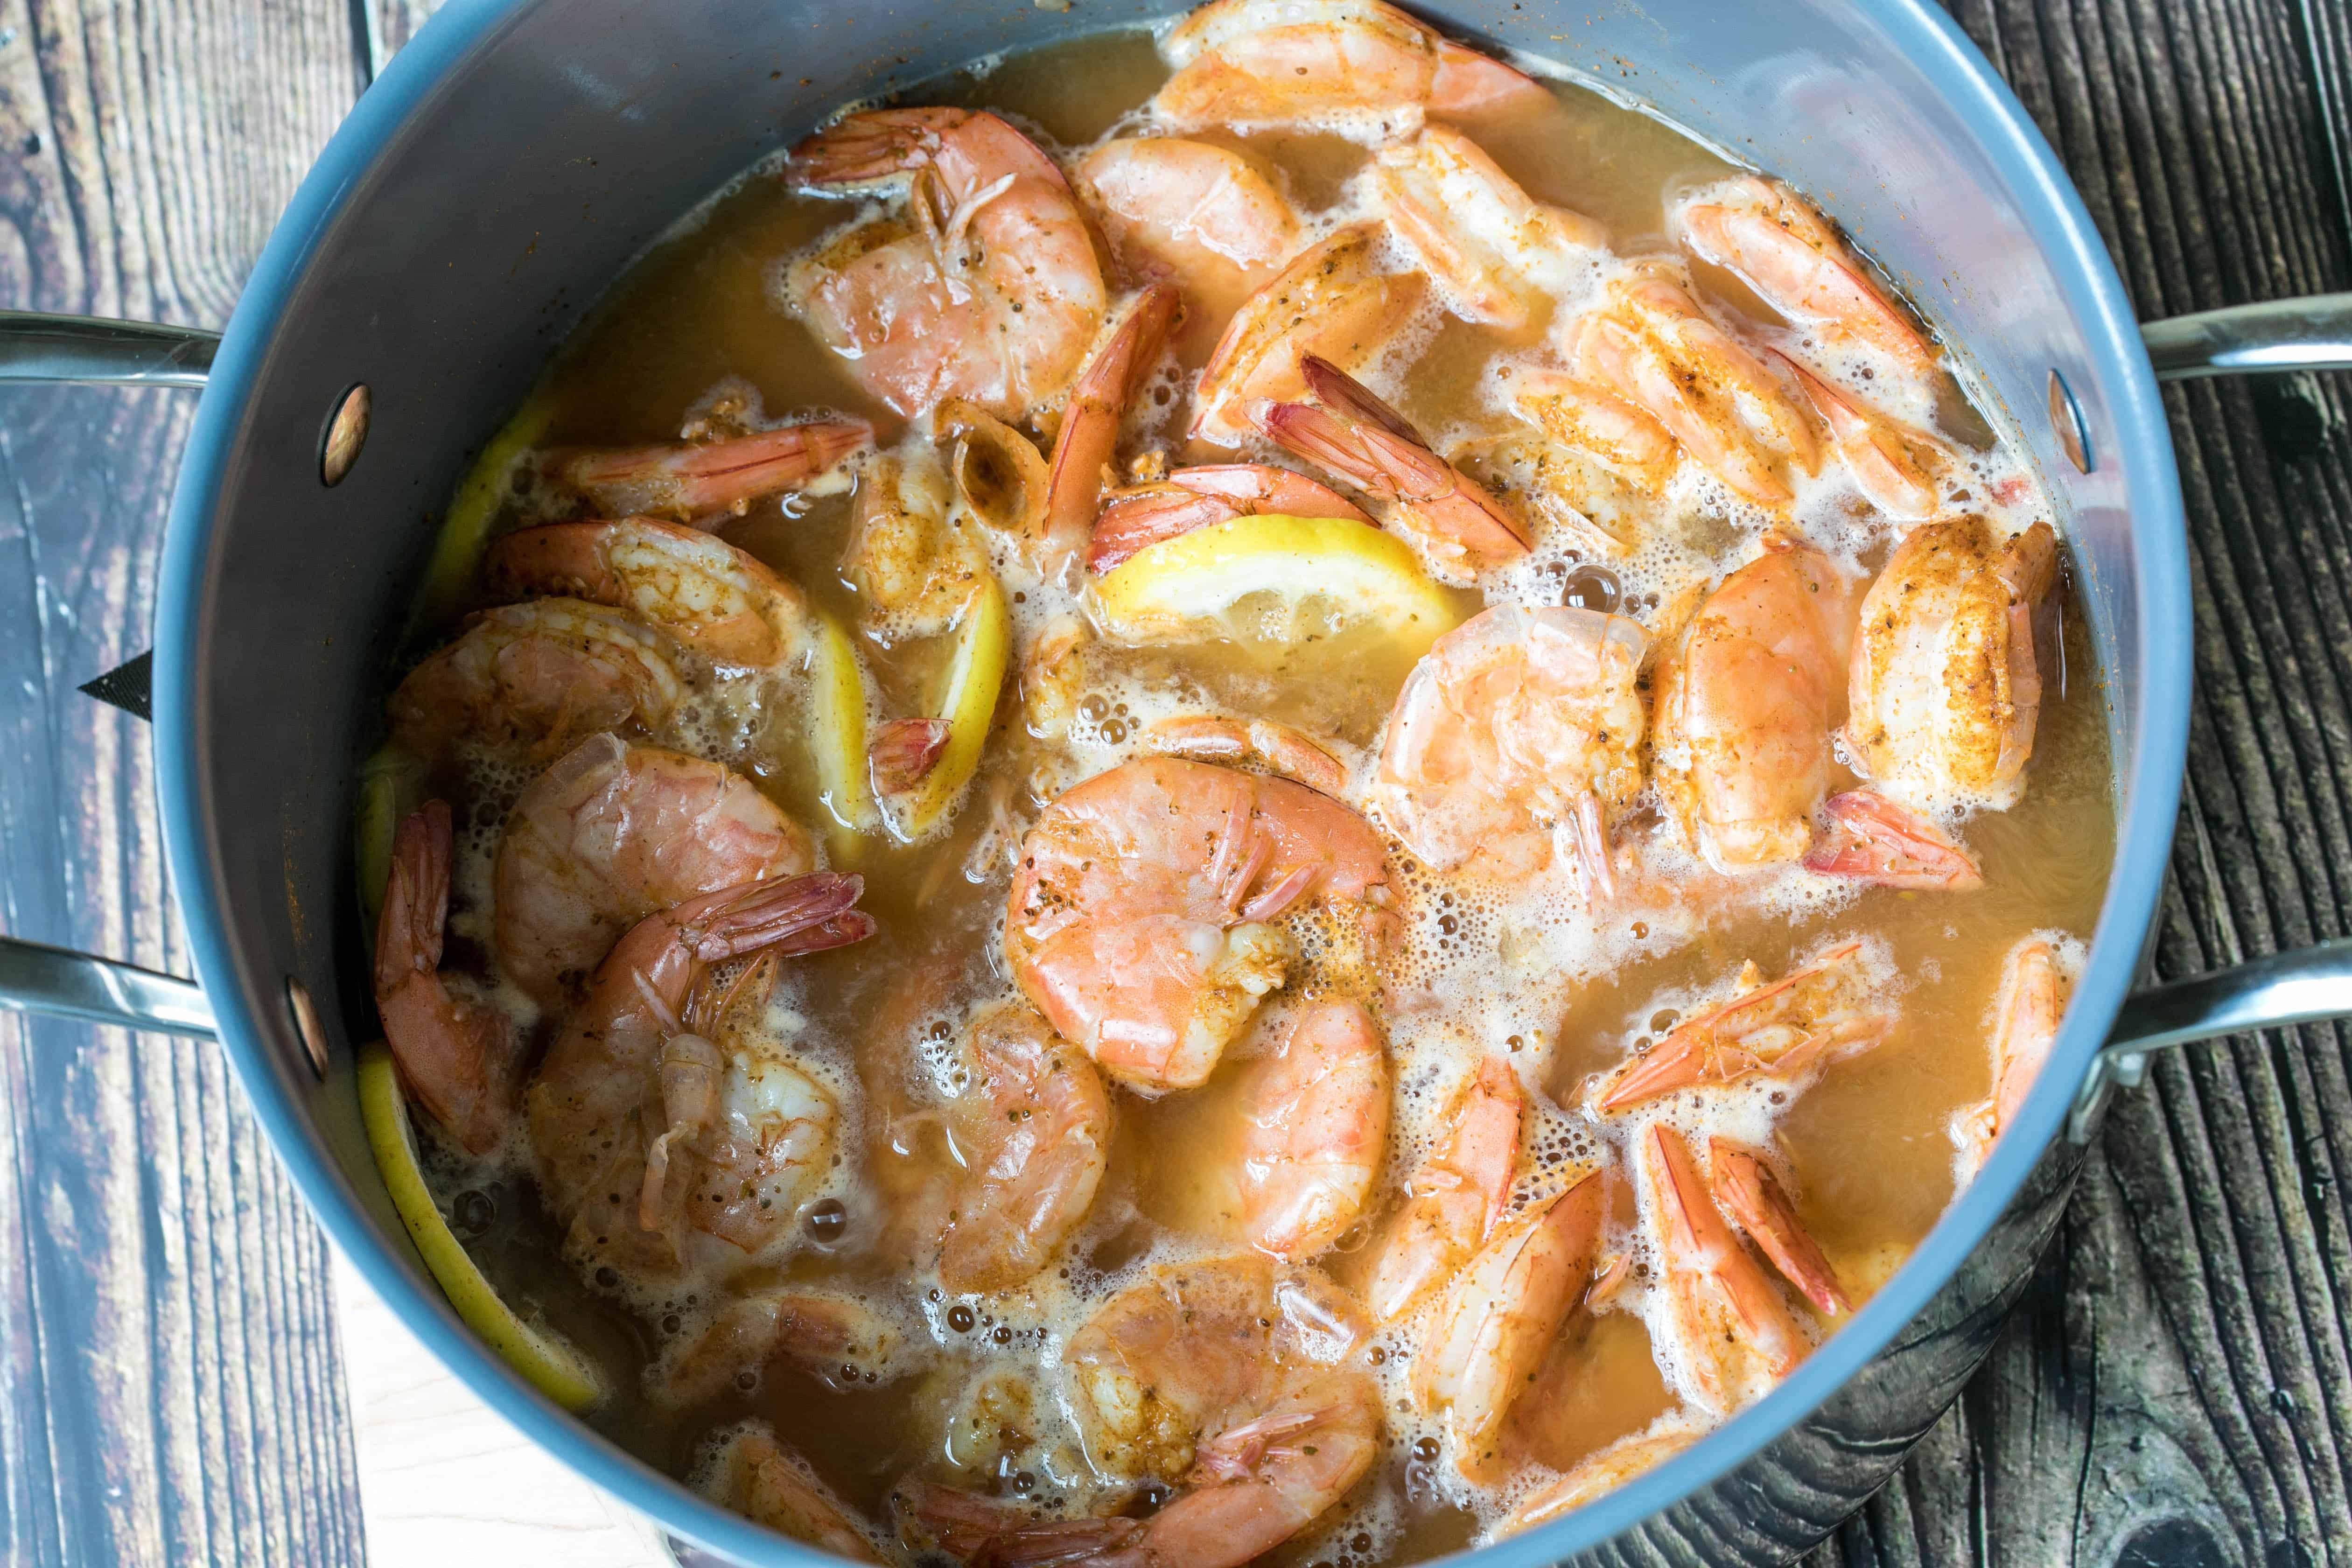 pot of shrimp with lemon, beer, cider vinegar, and old bay